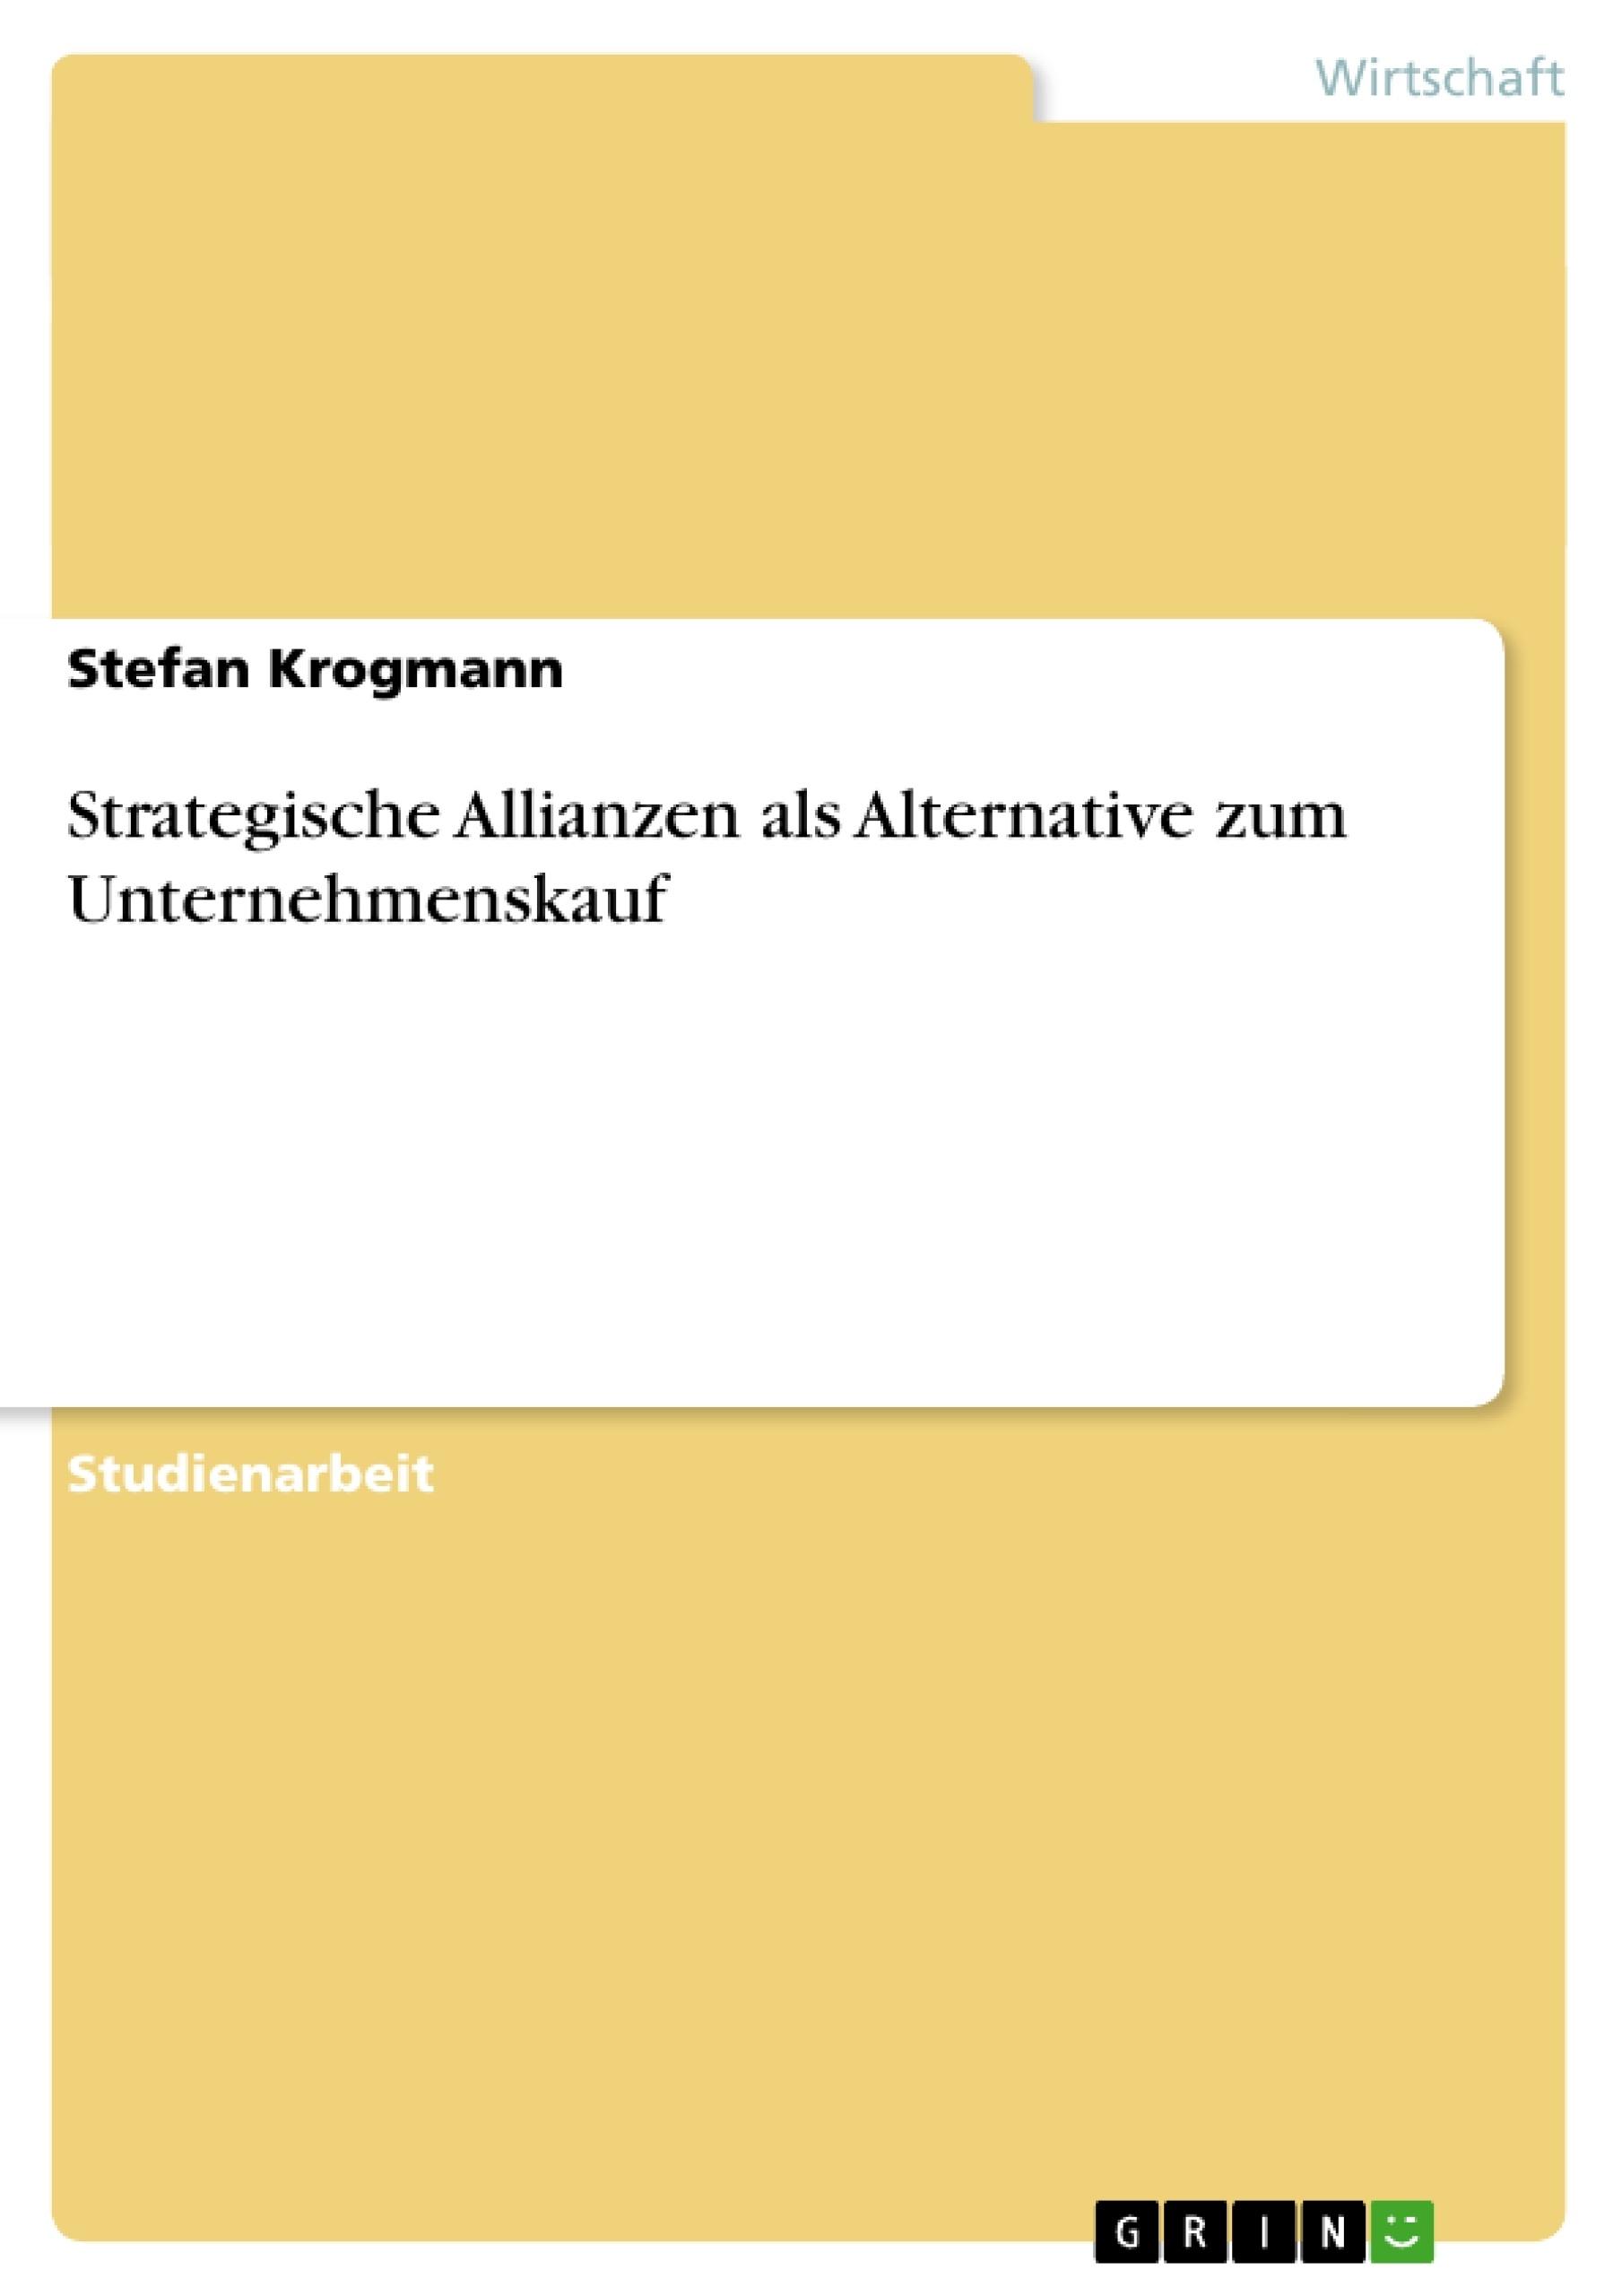 Titel: Strategische Allianzen als Alternative zum Unternehmenskauf